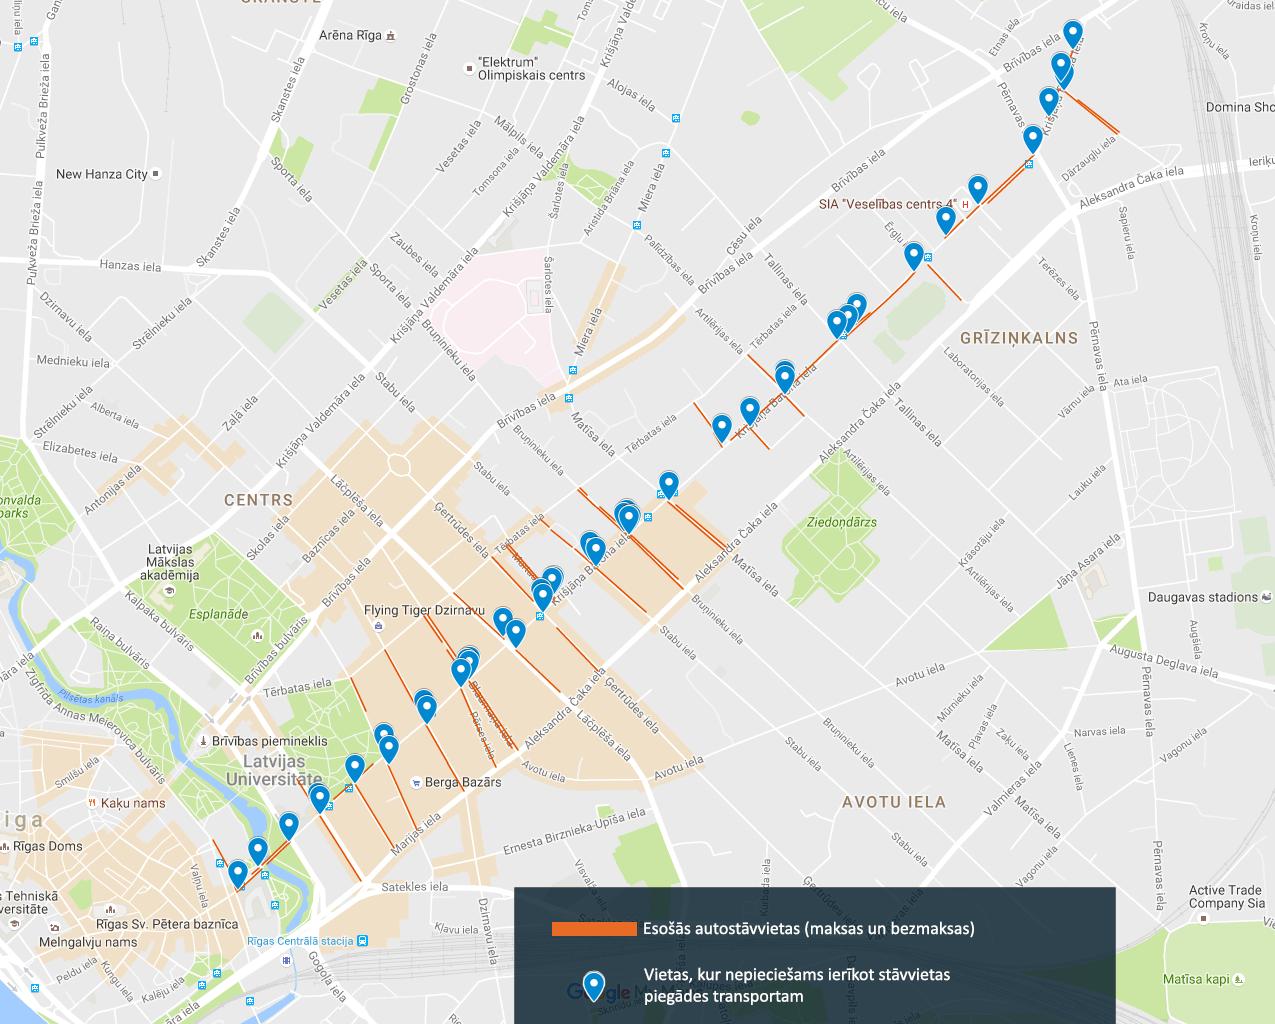 Kopumā Barona ielā ir neskaitāmas kafejnīcas, veikali un biroji, kuru vajadzībām stāvvietas piegādes transportlīdzekļiem būtu jāierīko teju katrā Barona ielas krustojumā, lai šo problēmu sakārtotu.